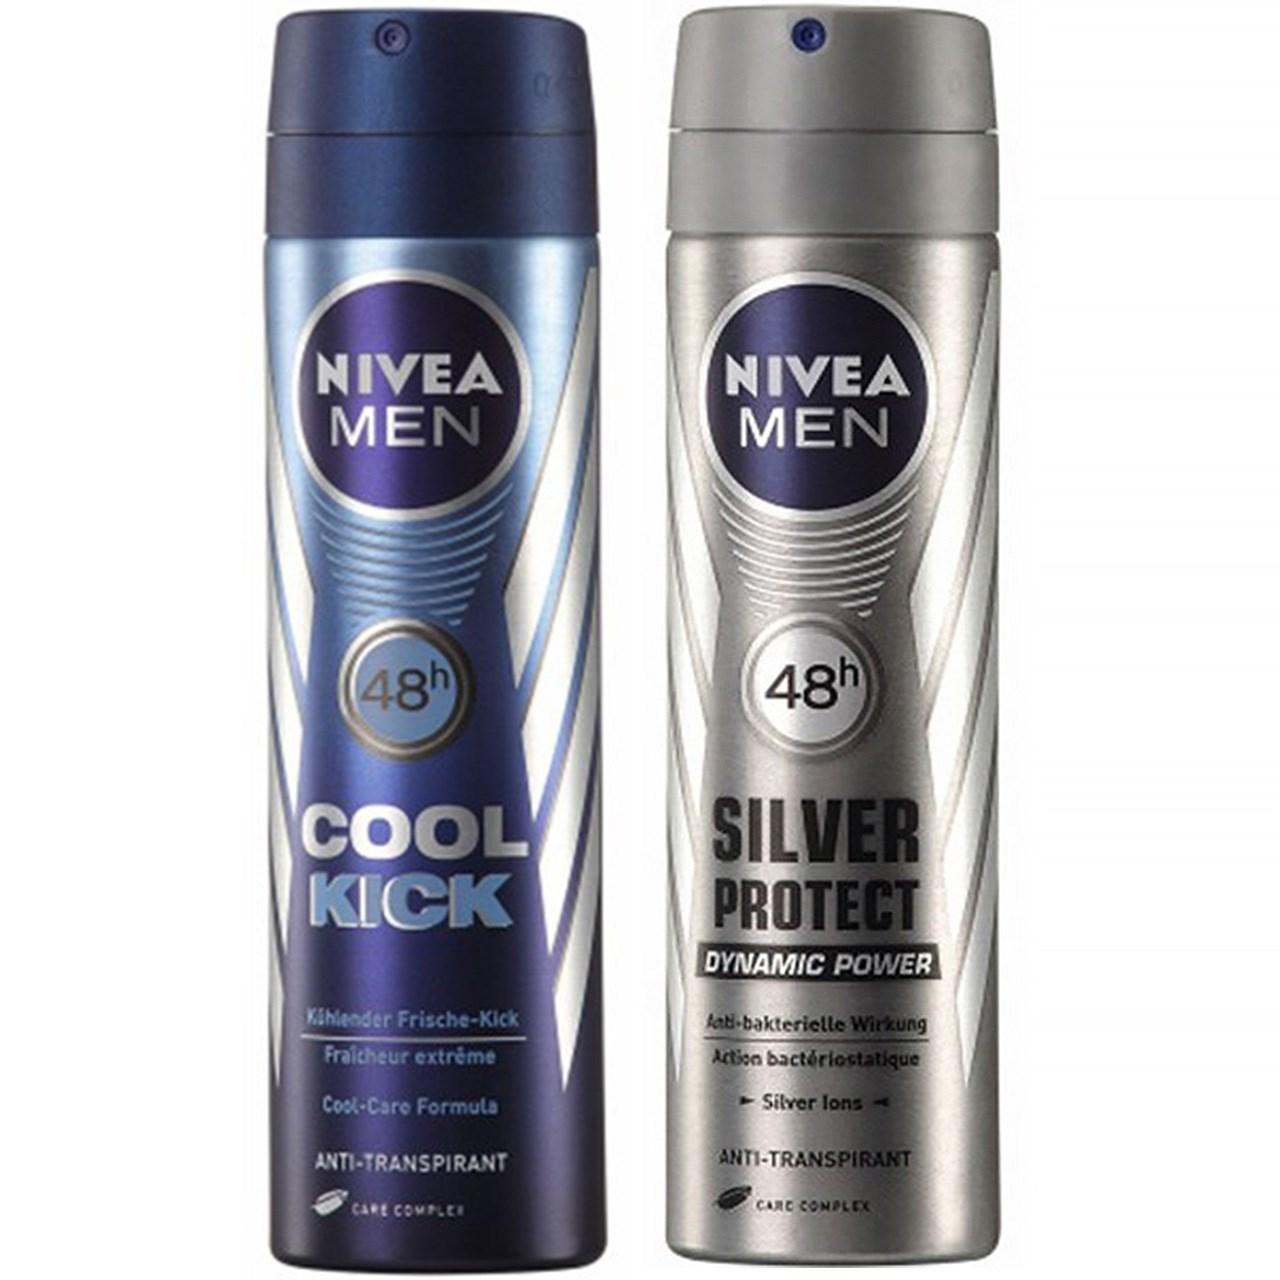 پک اسپری مردانه نیوآ مدل Silver Protect و Cool Kick بسته دو عددی